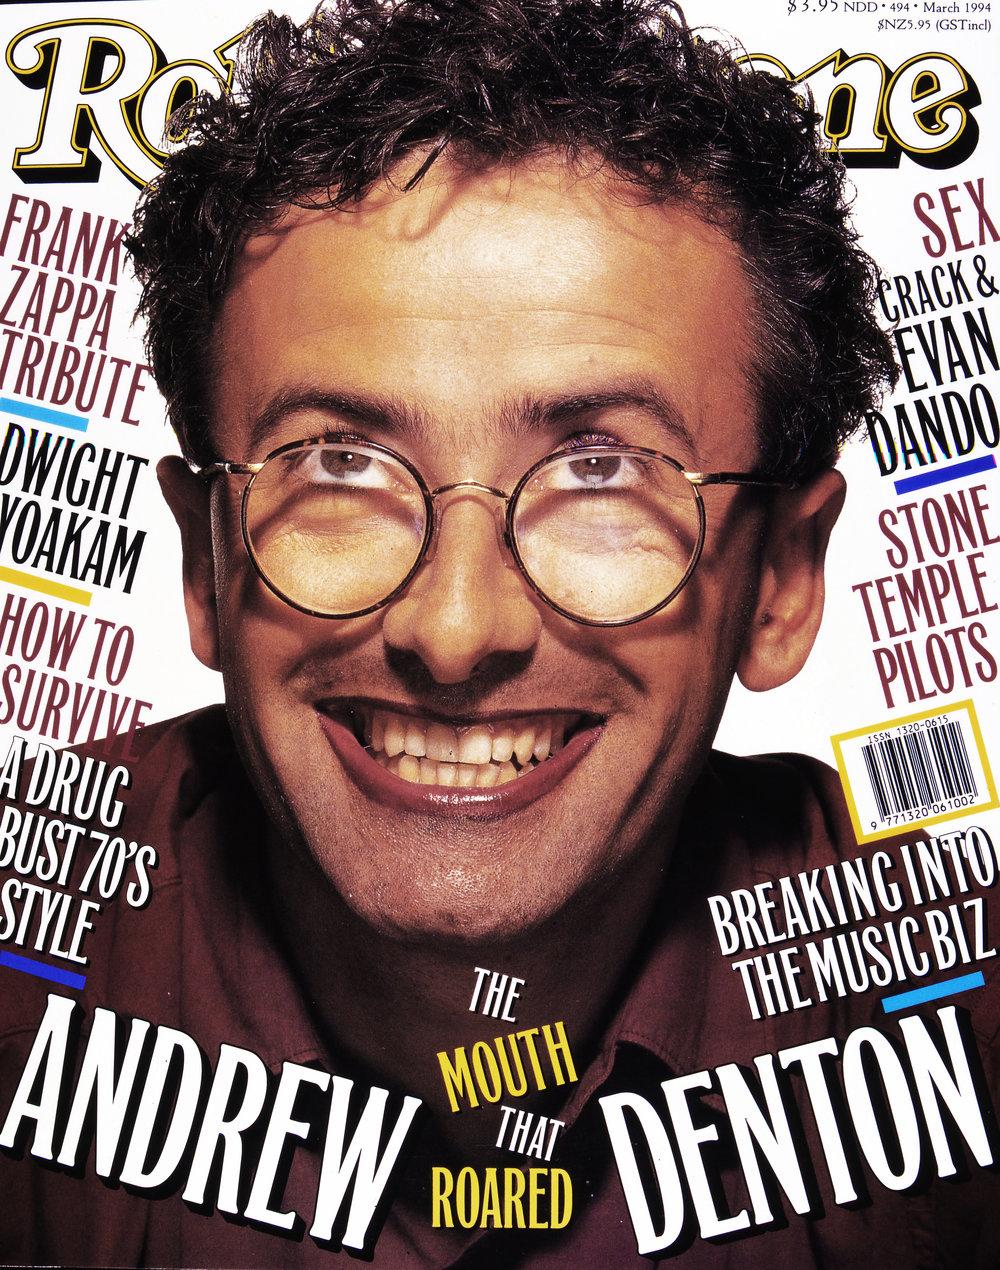 Andrew Denton